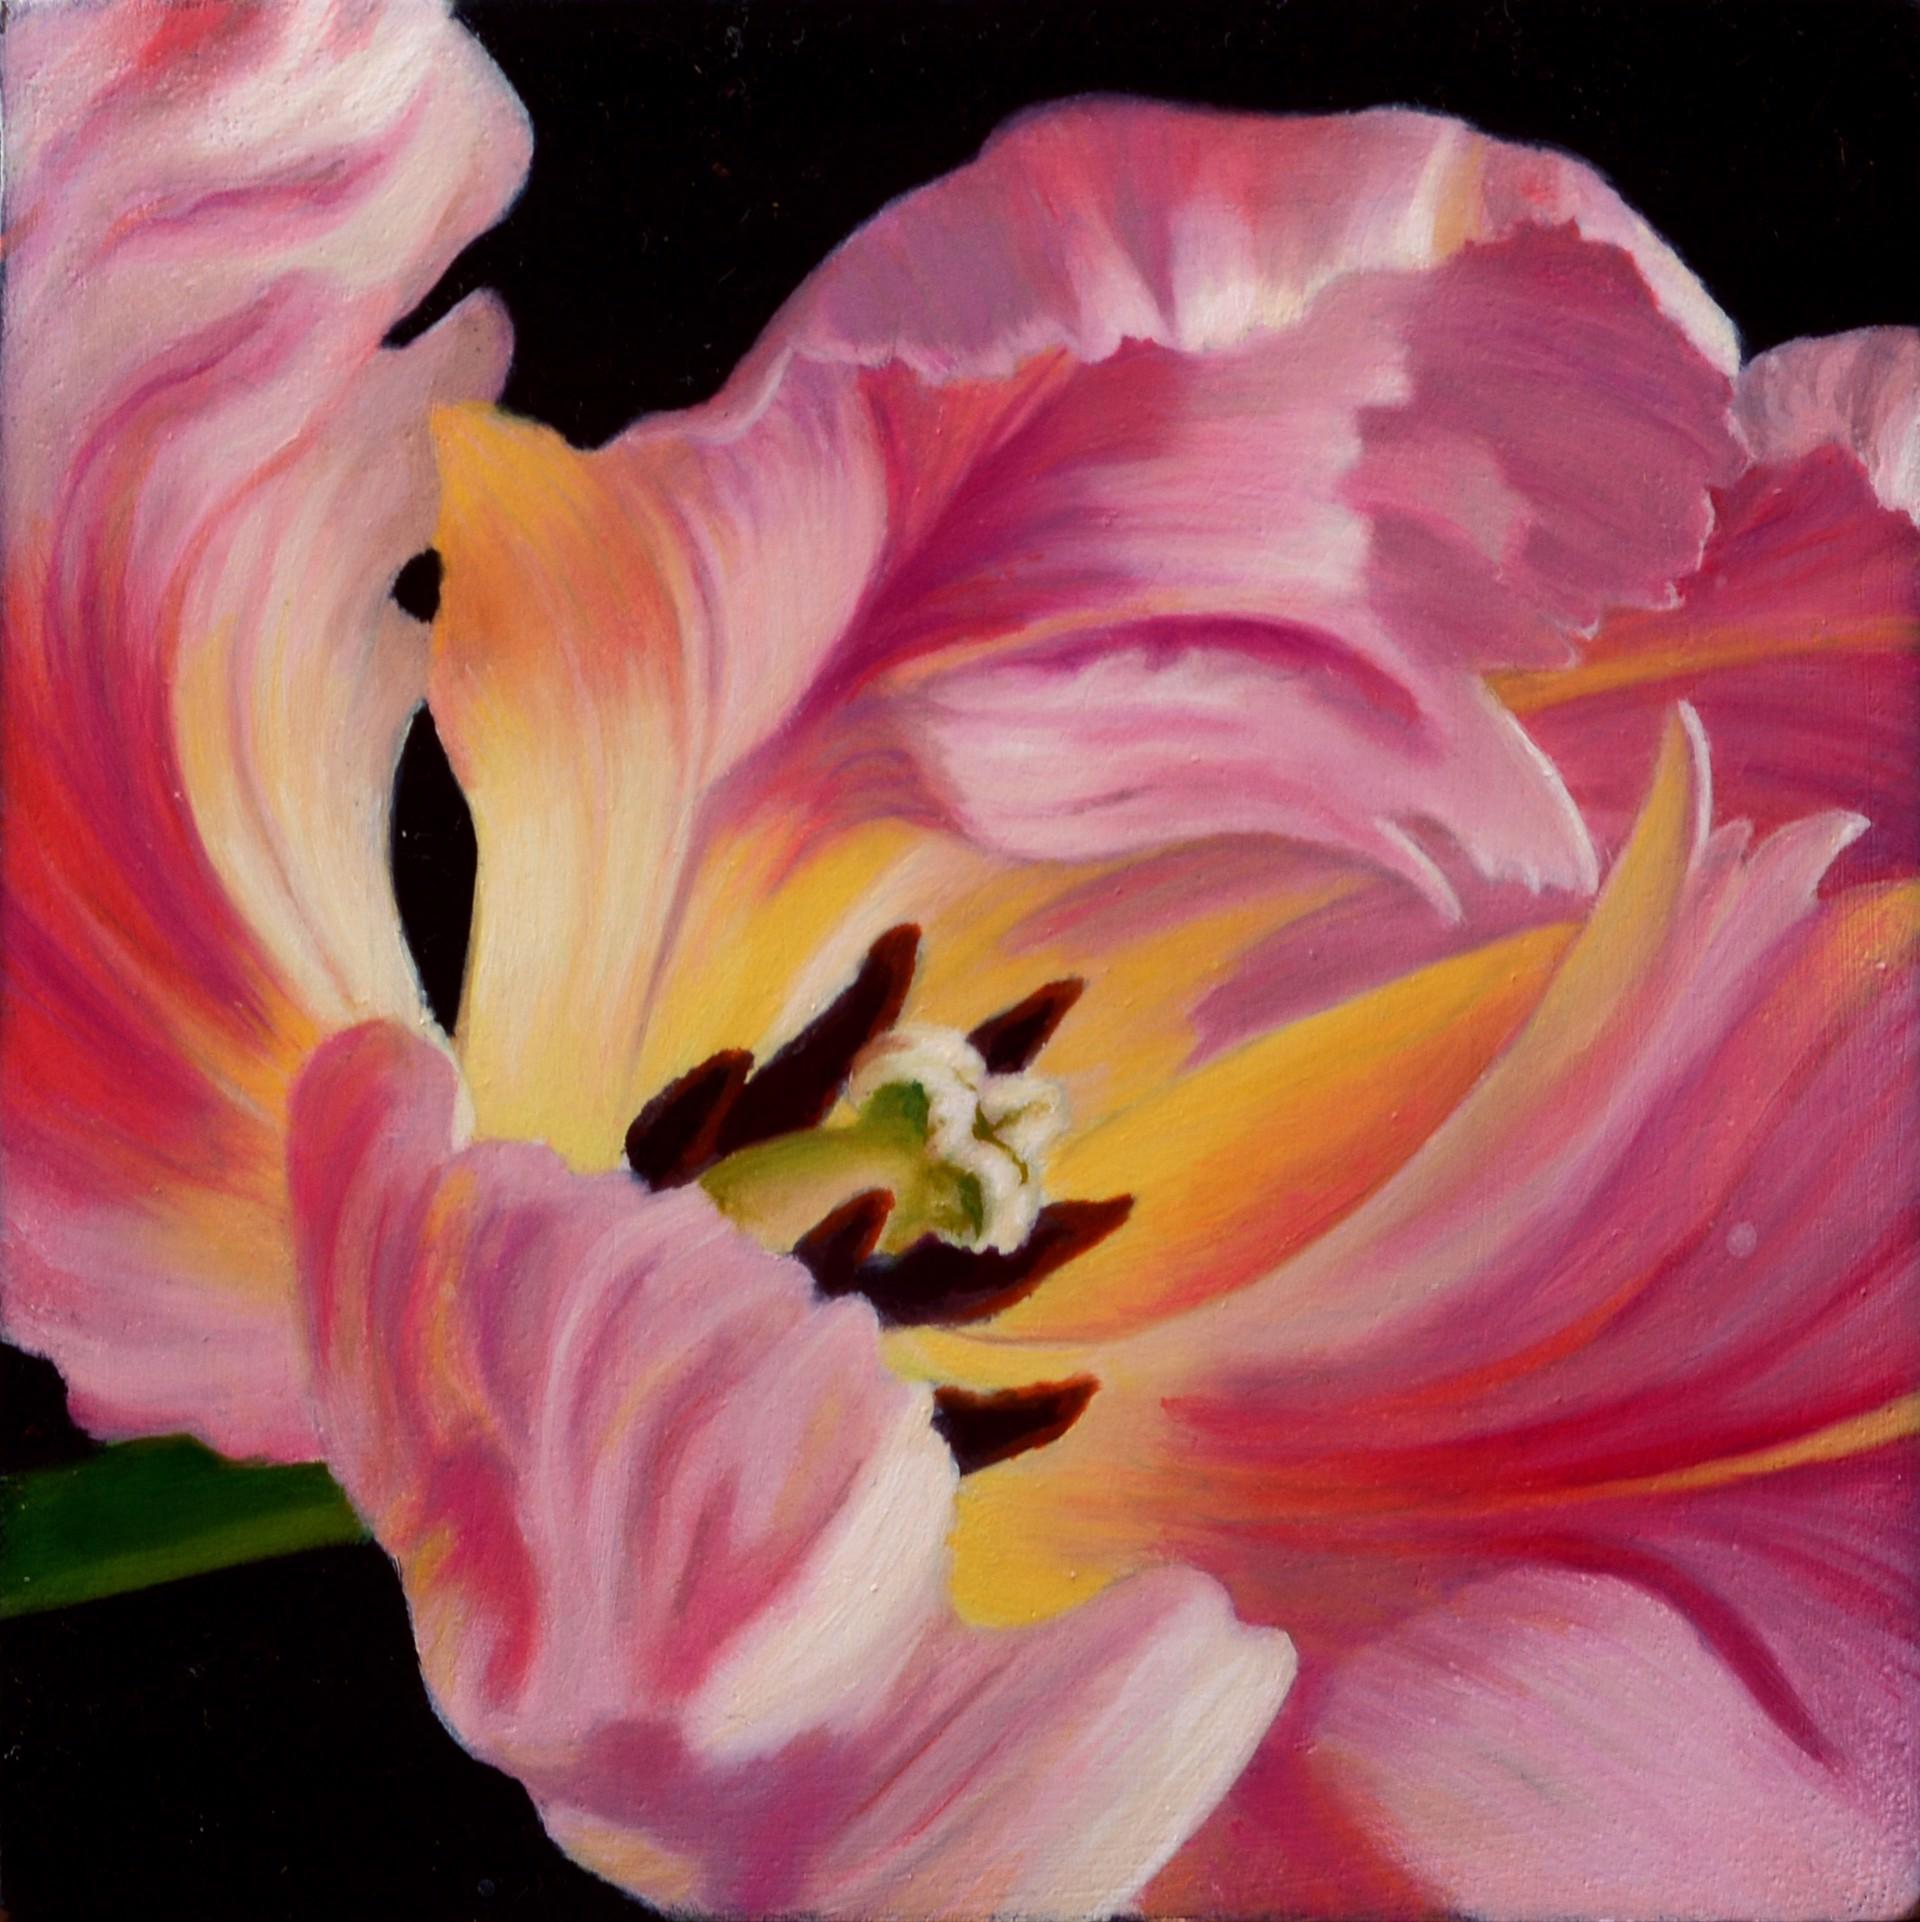 Pink Tulip by Sarah van der Helm